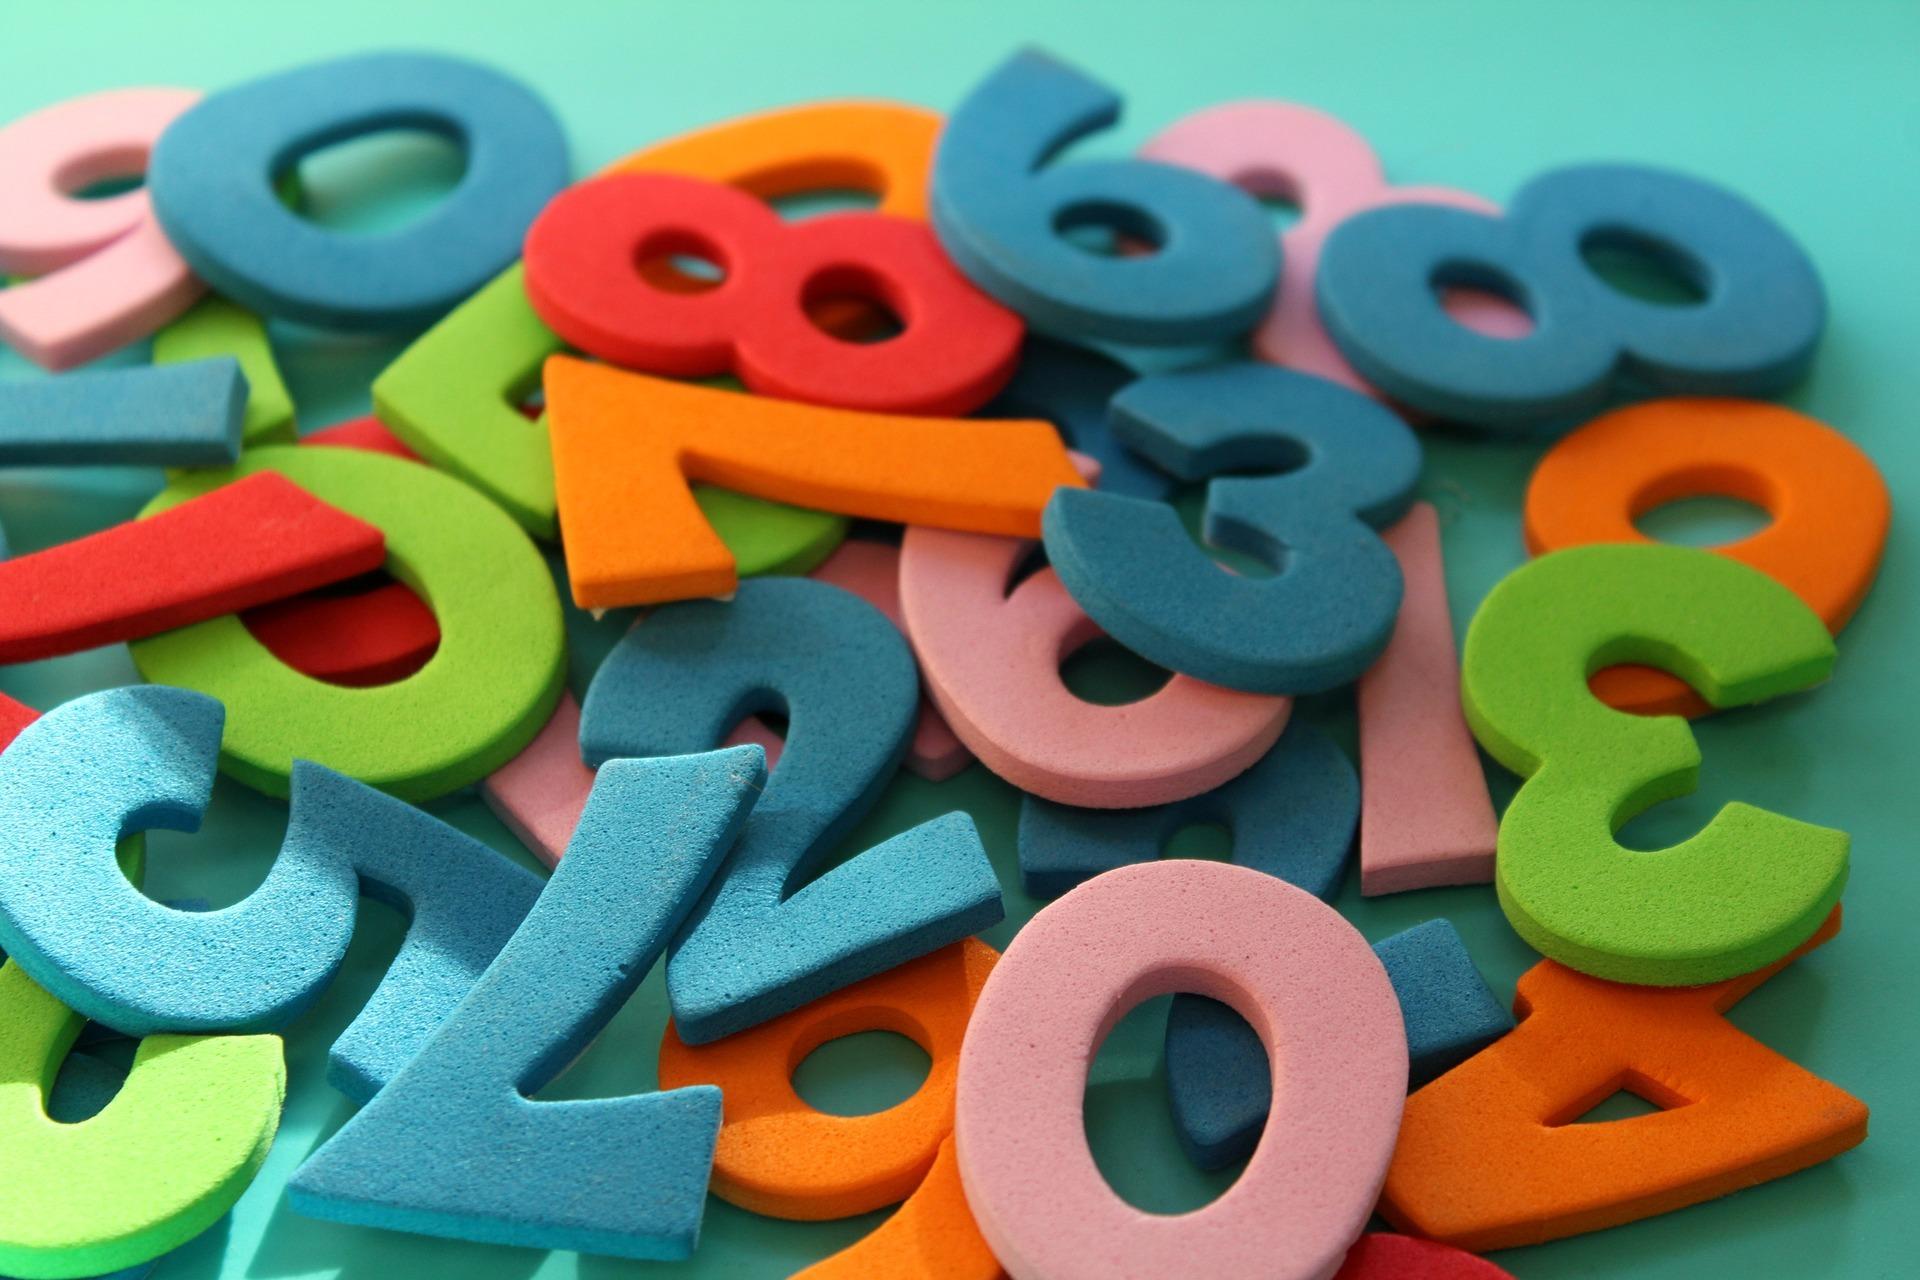 英語で数字の読み方|「千」「万」など大きな単位の数え方も具体的に紹介!